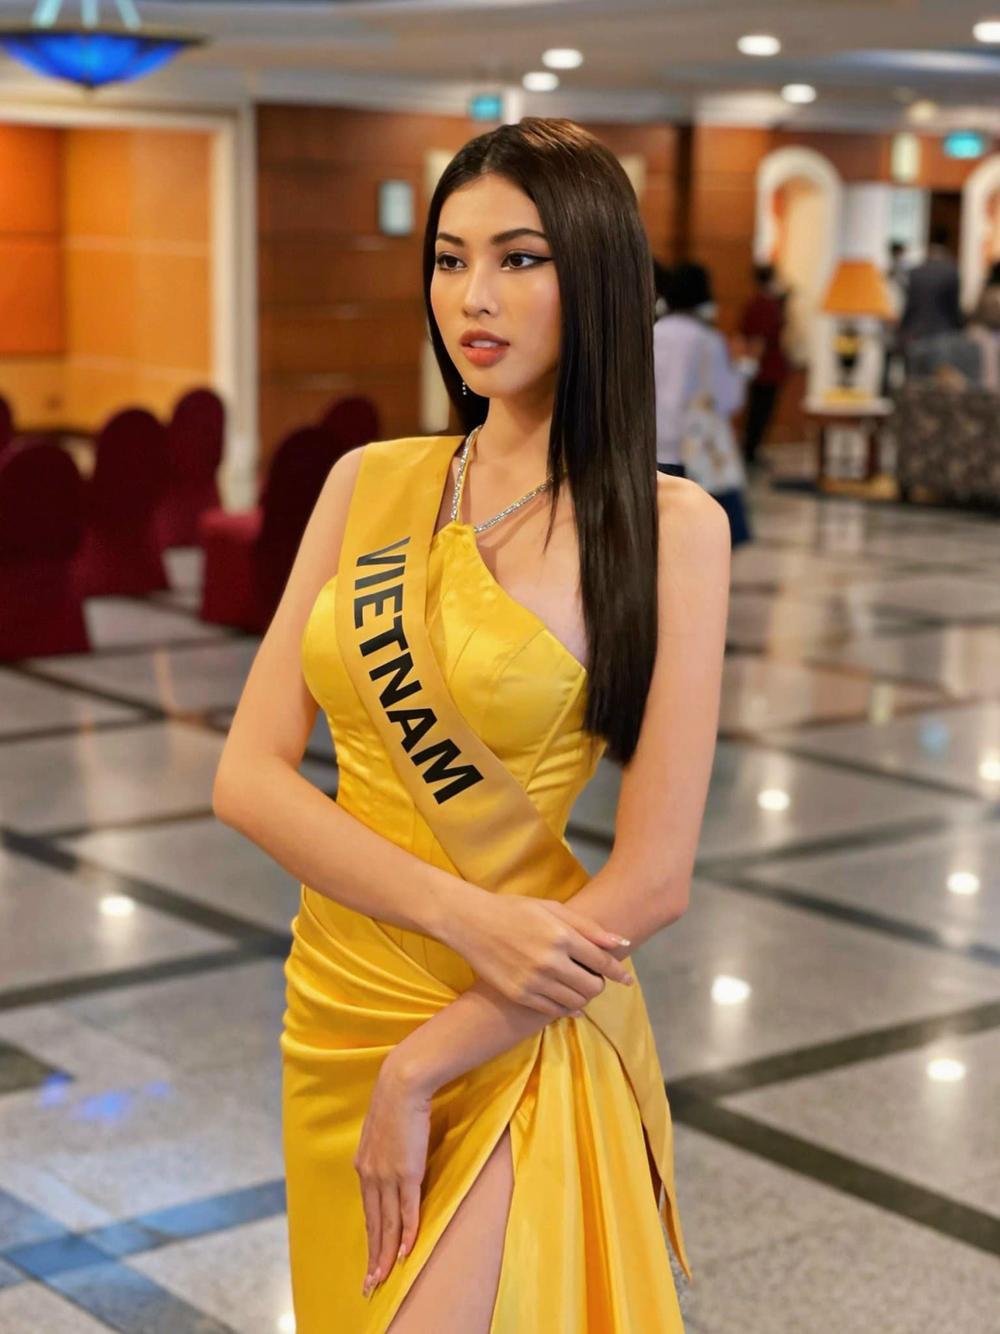 Hành trình lọt Top 20 của Ngọc Thảo: Nàng hậu 21 tuổi bản lĩnh chinh phục Miss Grand giữa mùa dịch! Ảnh 28